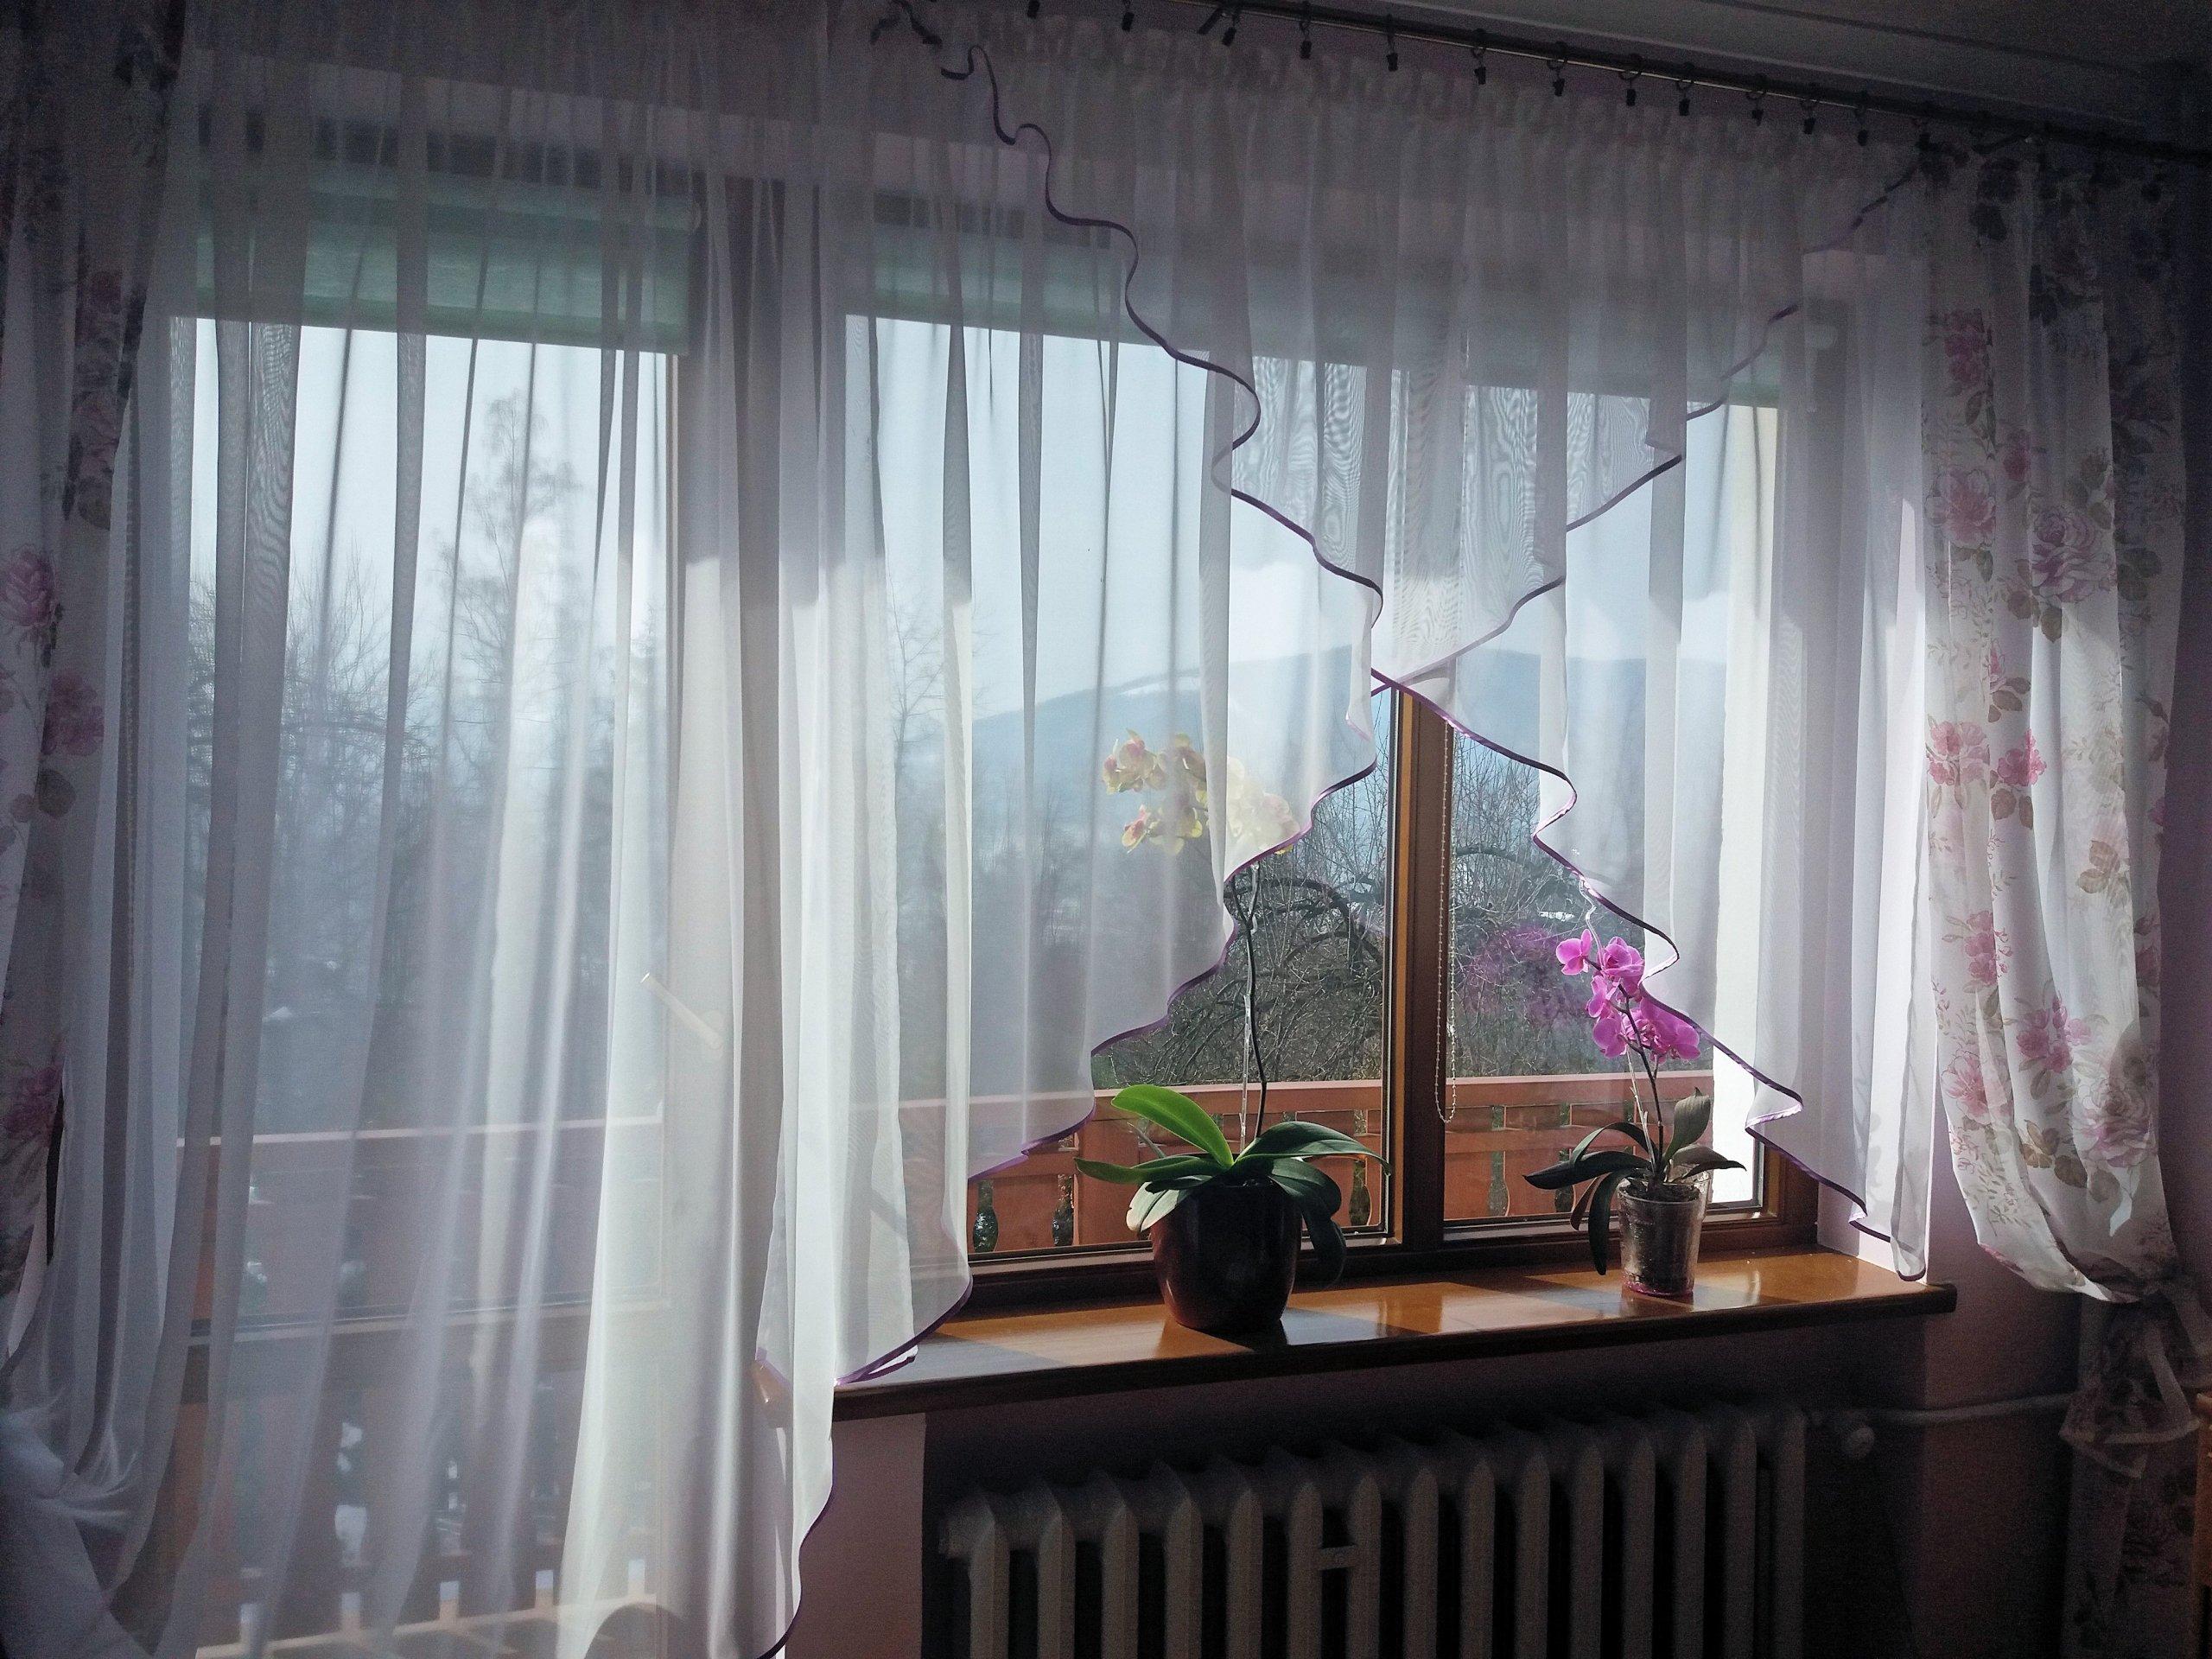 Niesamowite Firanka Na Okno Balkonowe Wr92 Getclopa